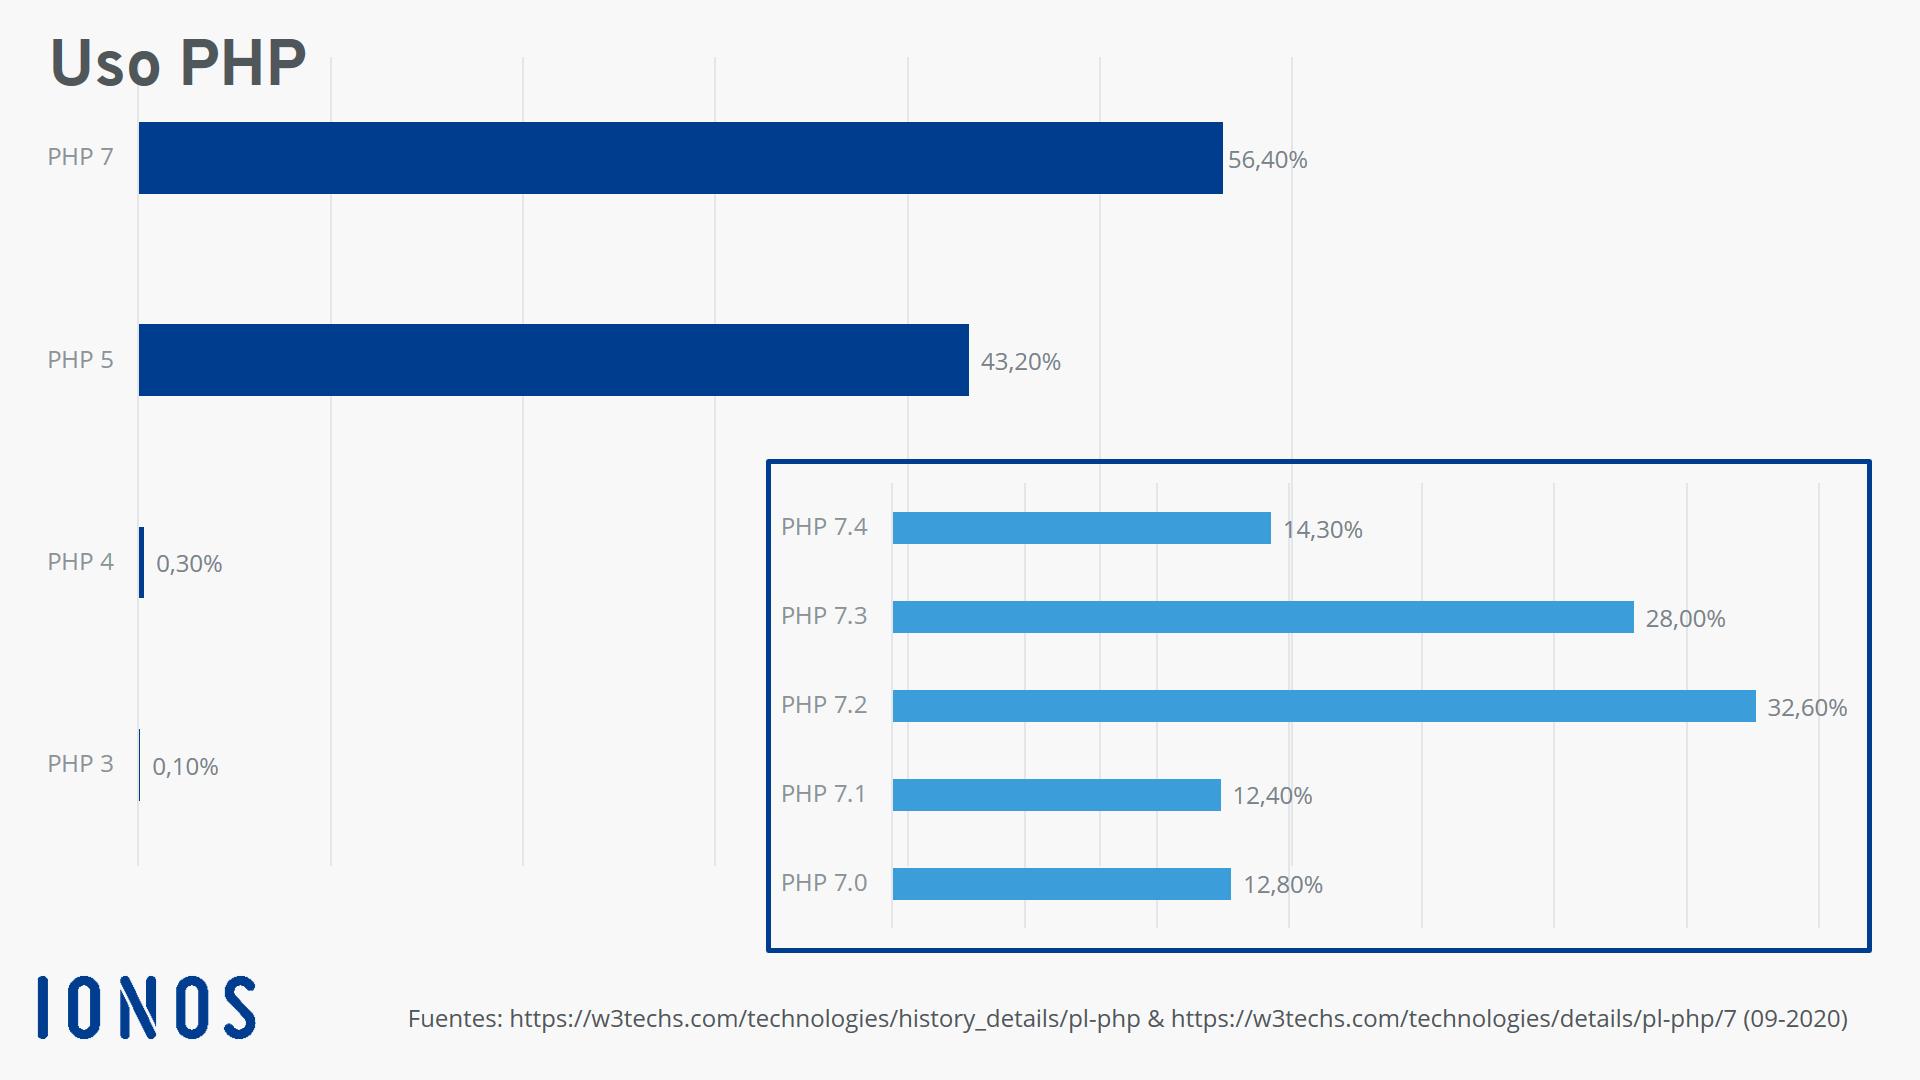 Distribución actual de las versiones de PHP